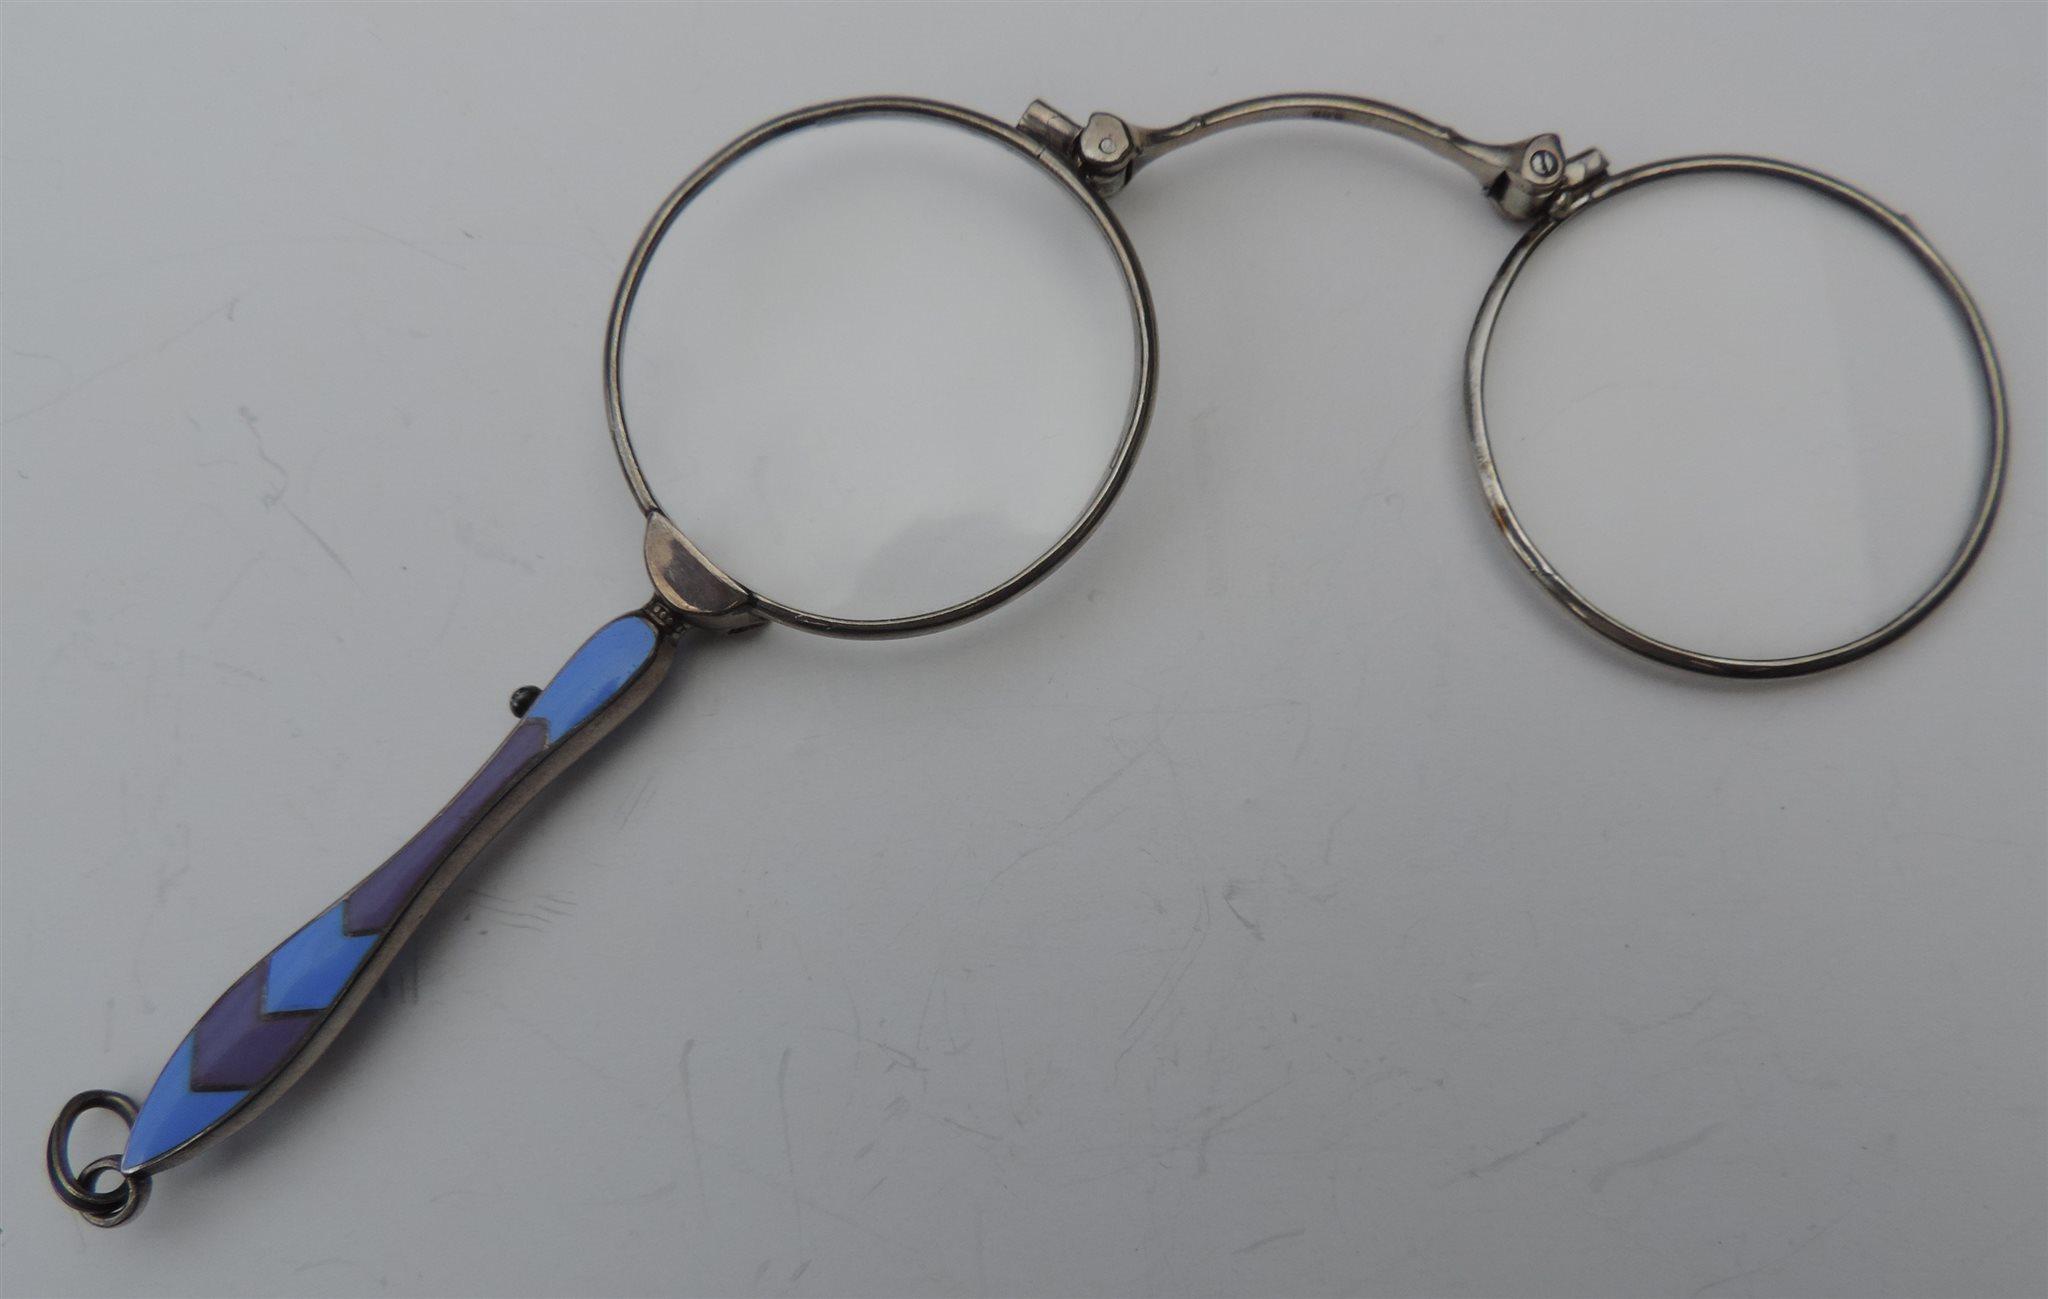 glasögon utan skalmar